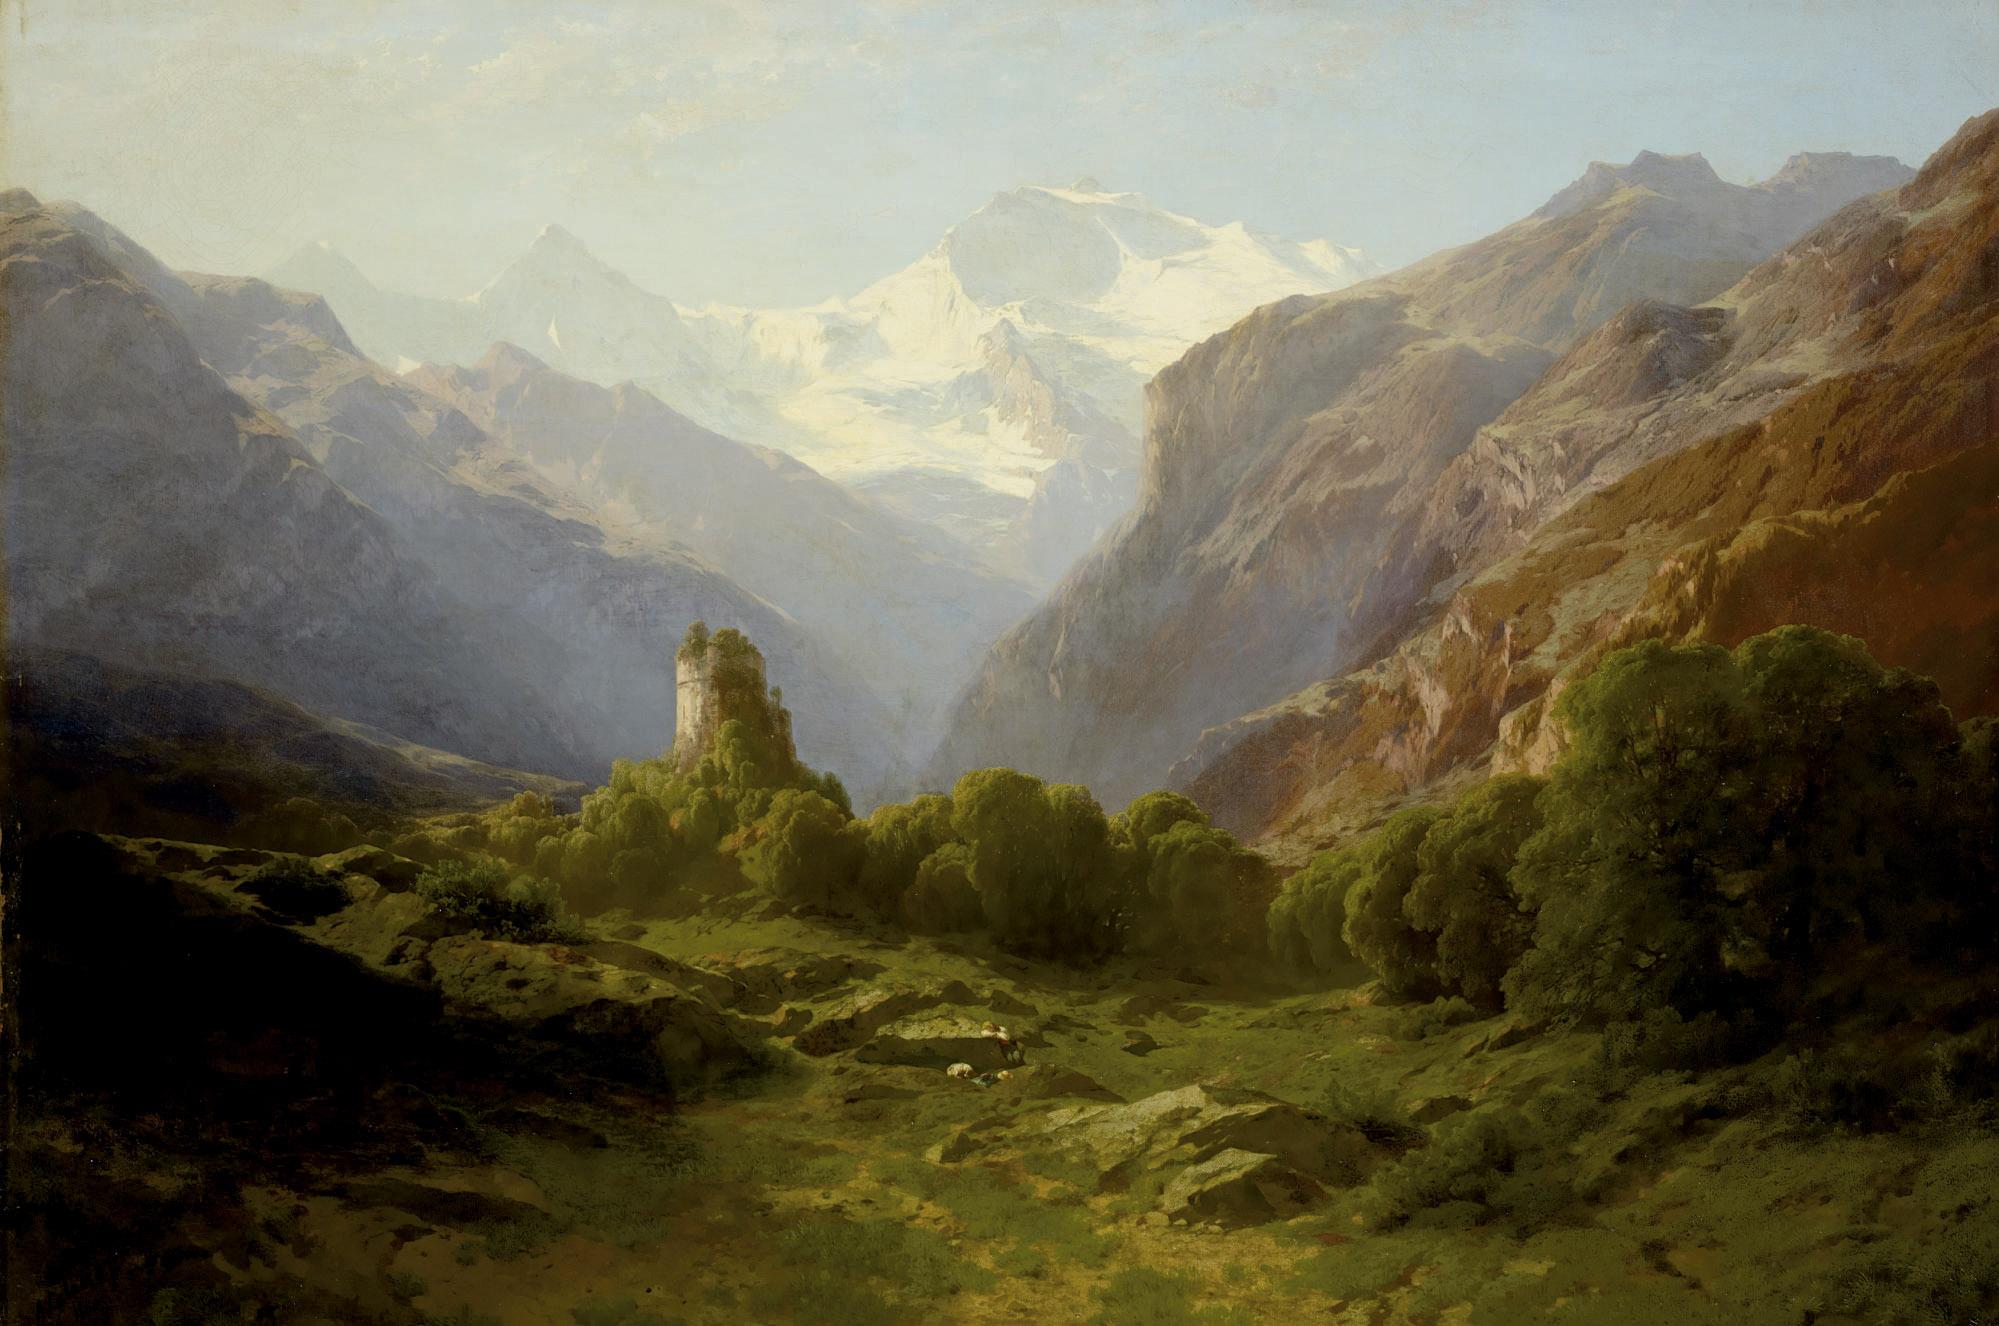 Ruine Unspunnen vor dem Blick auf Eiger, Mönch und Jungfrau, 1860